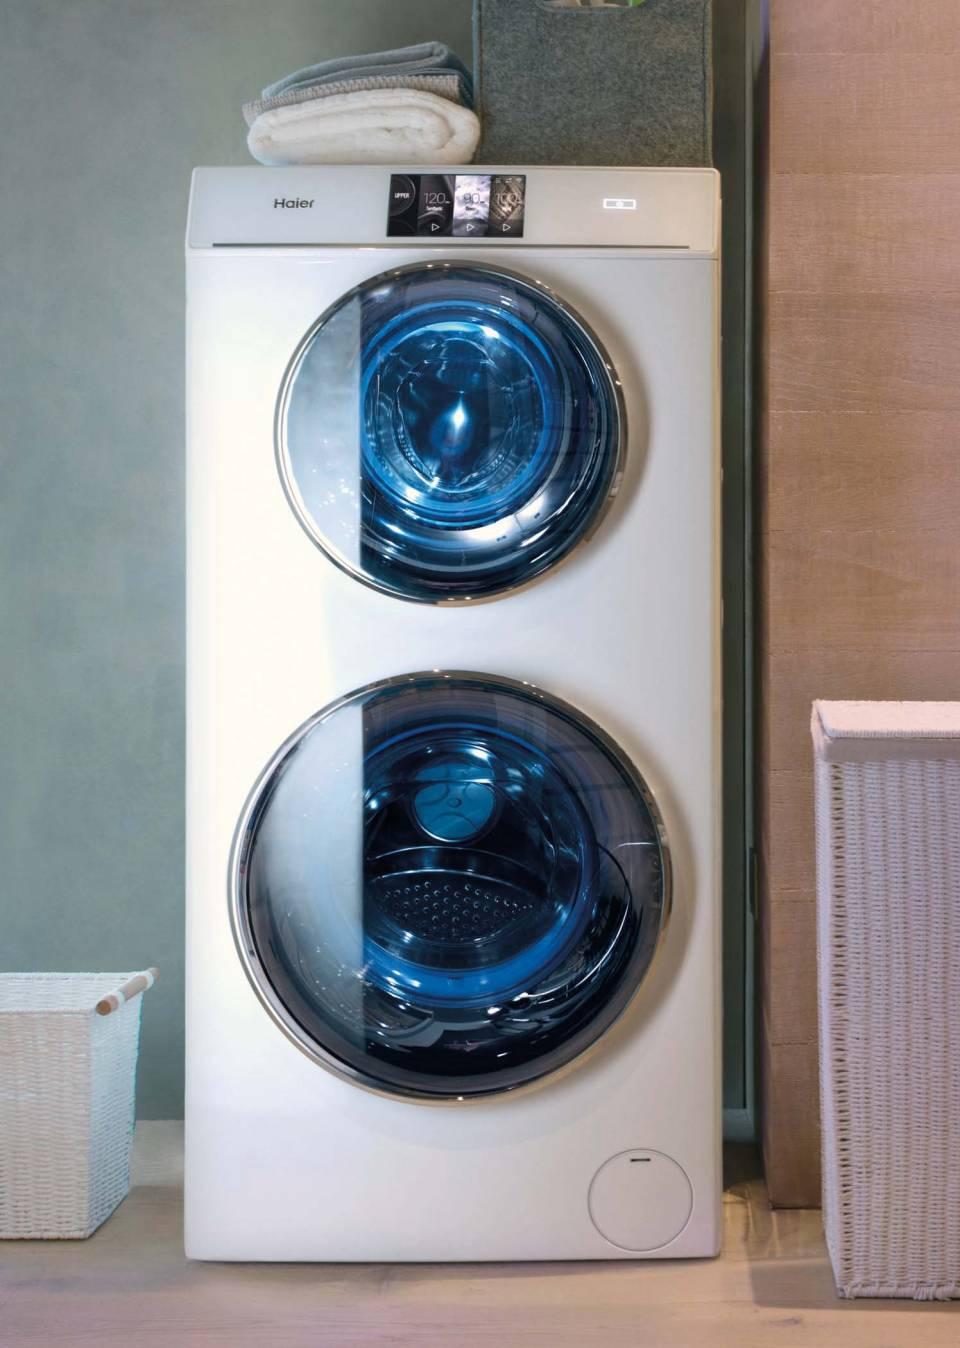 Haier Waschtrockner Duo Dry mit zwei Waschtrommeln.